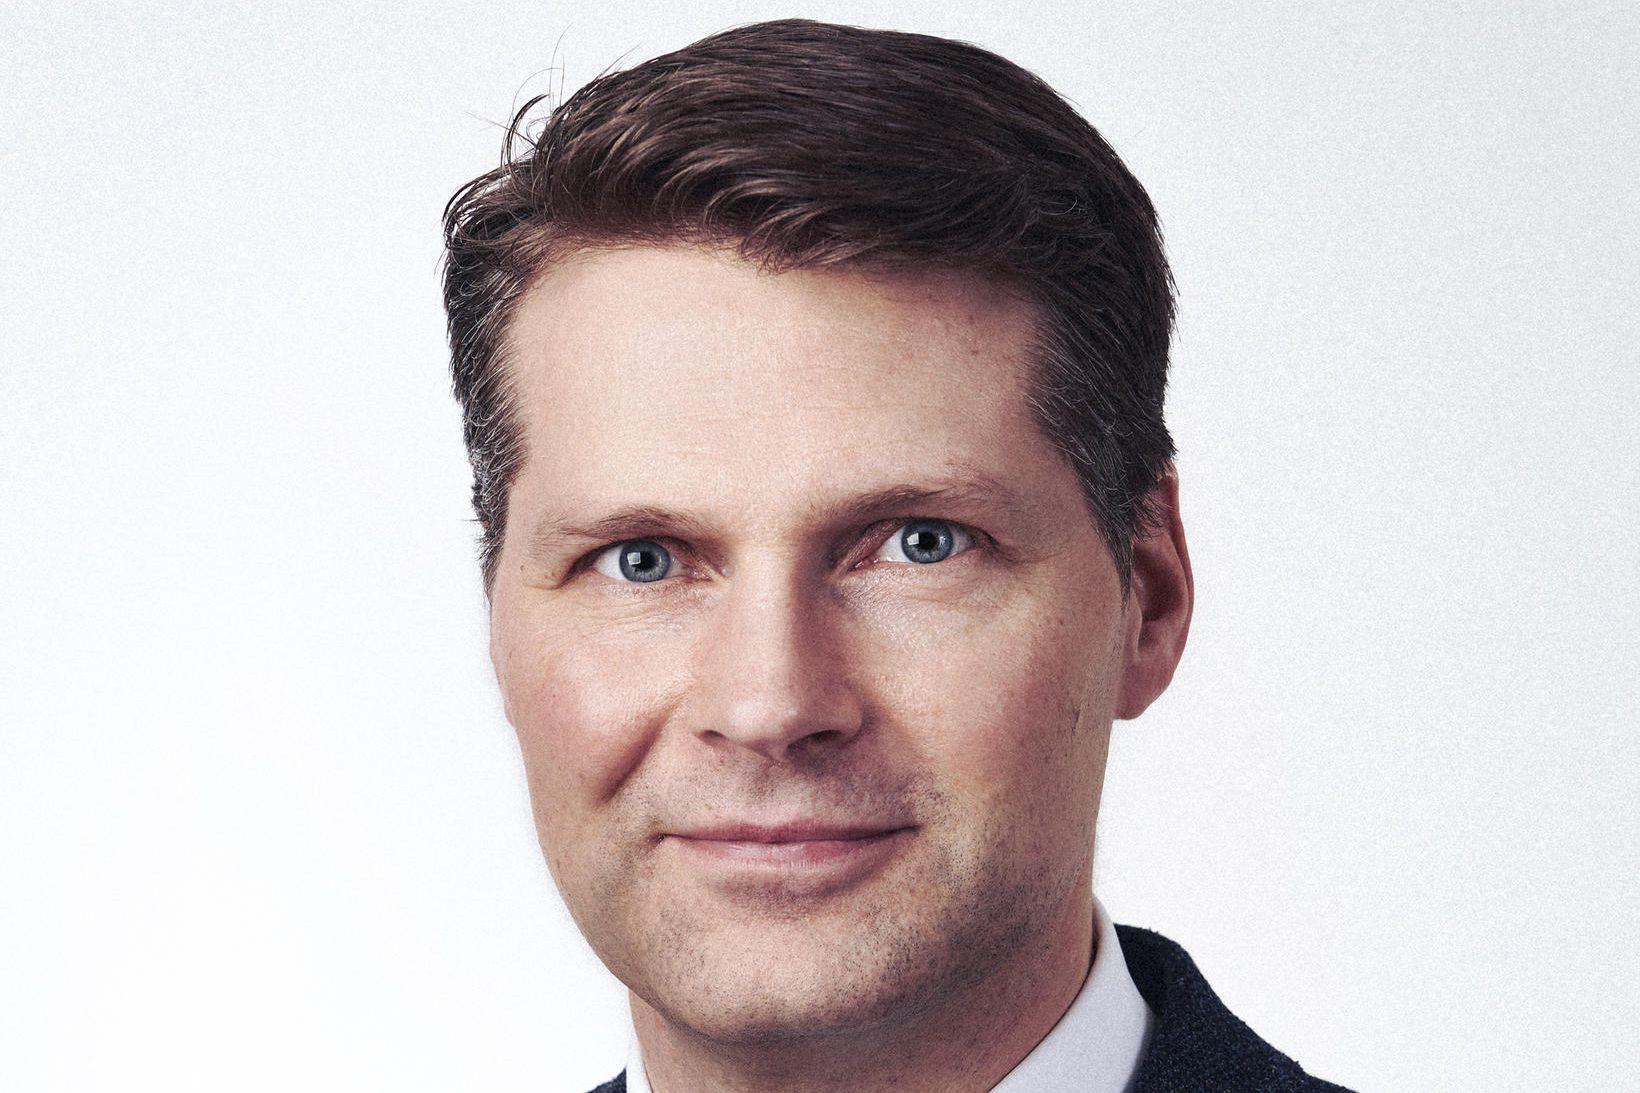 Kristinn Harðarson hefur verið ráðinn framkvæmdastjóri framleiðslu hjá HS Orku.